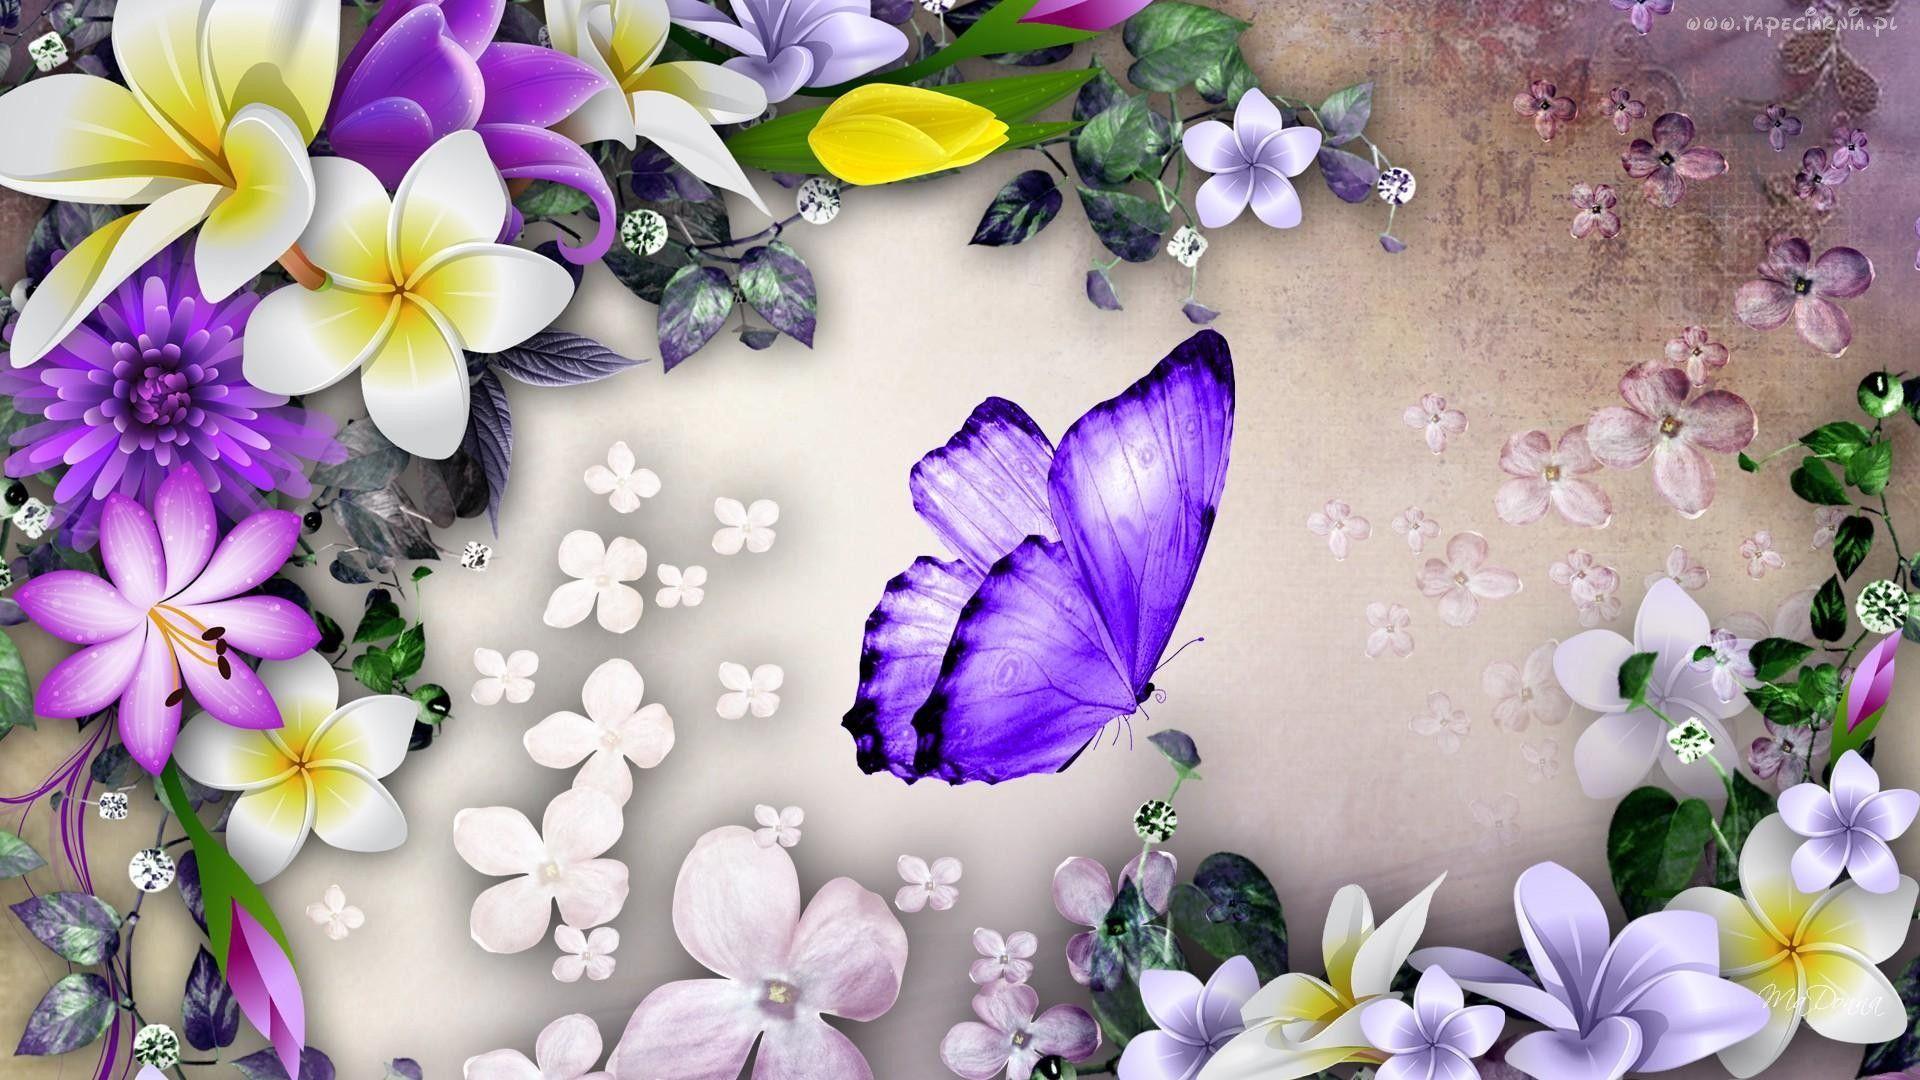 Grafika 2d Kwiaty Motyl Butterfly Wallpaper Backgrounds Hd Flowers Butterfly Wallpaper